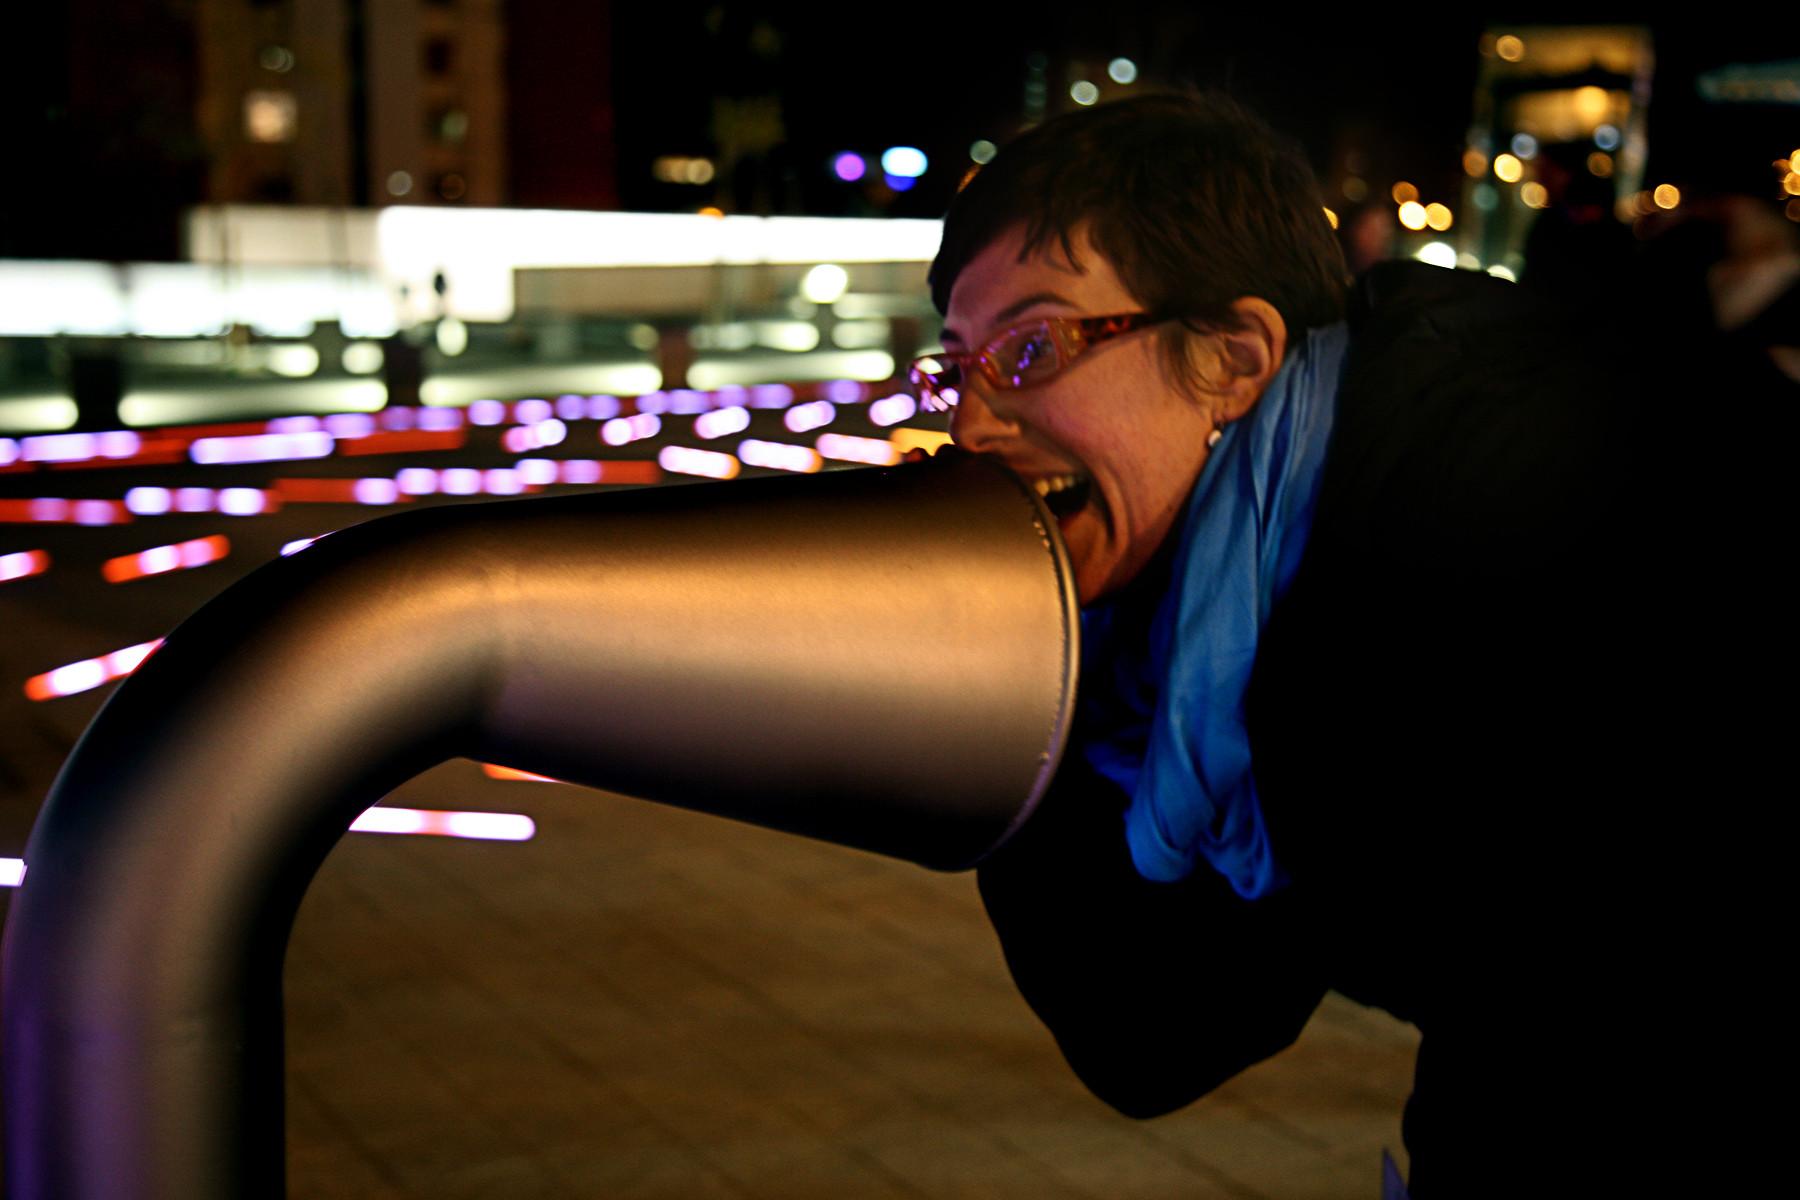 Un transeúnte gritando y sonriendo. La instalación interactúa con la intensidad de los gritos de los usuarios.. Image © Ramón Ferreira